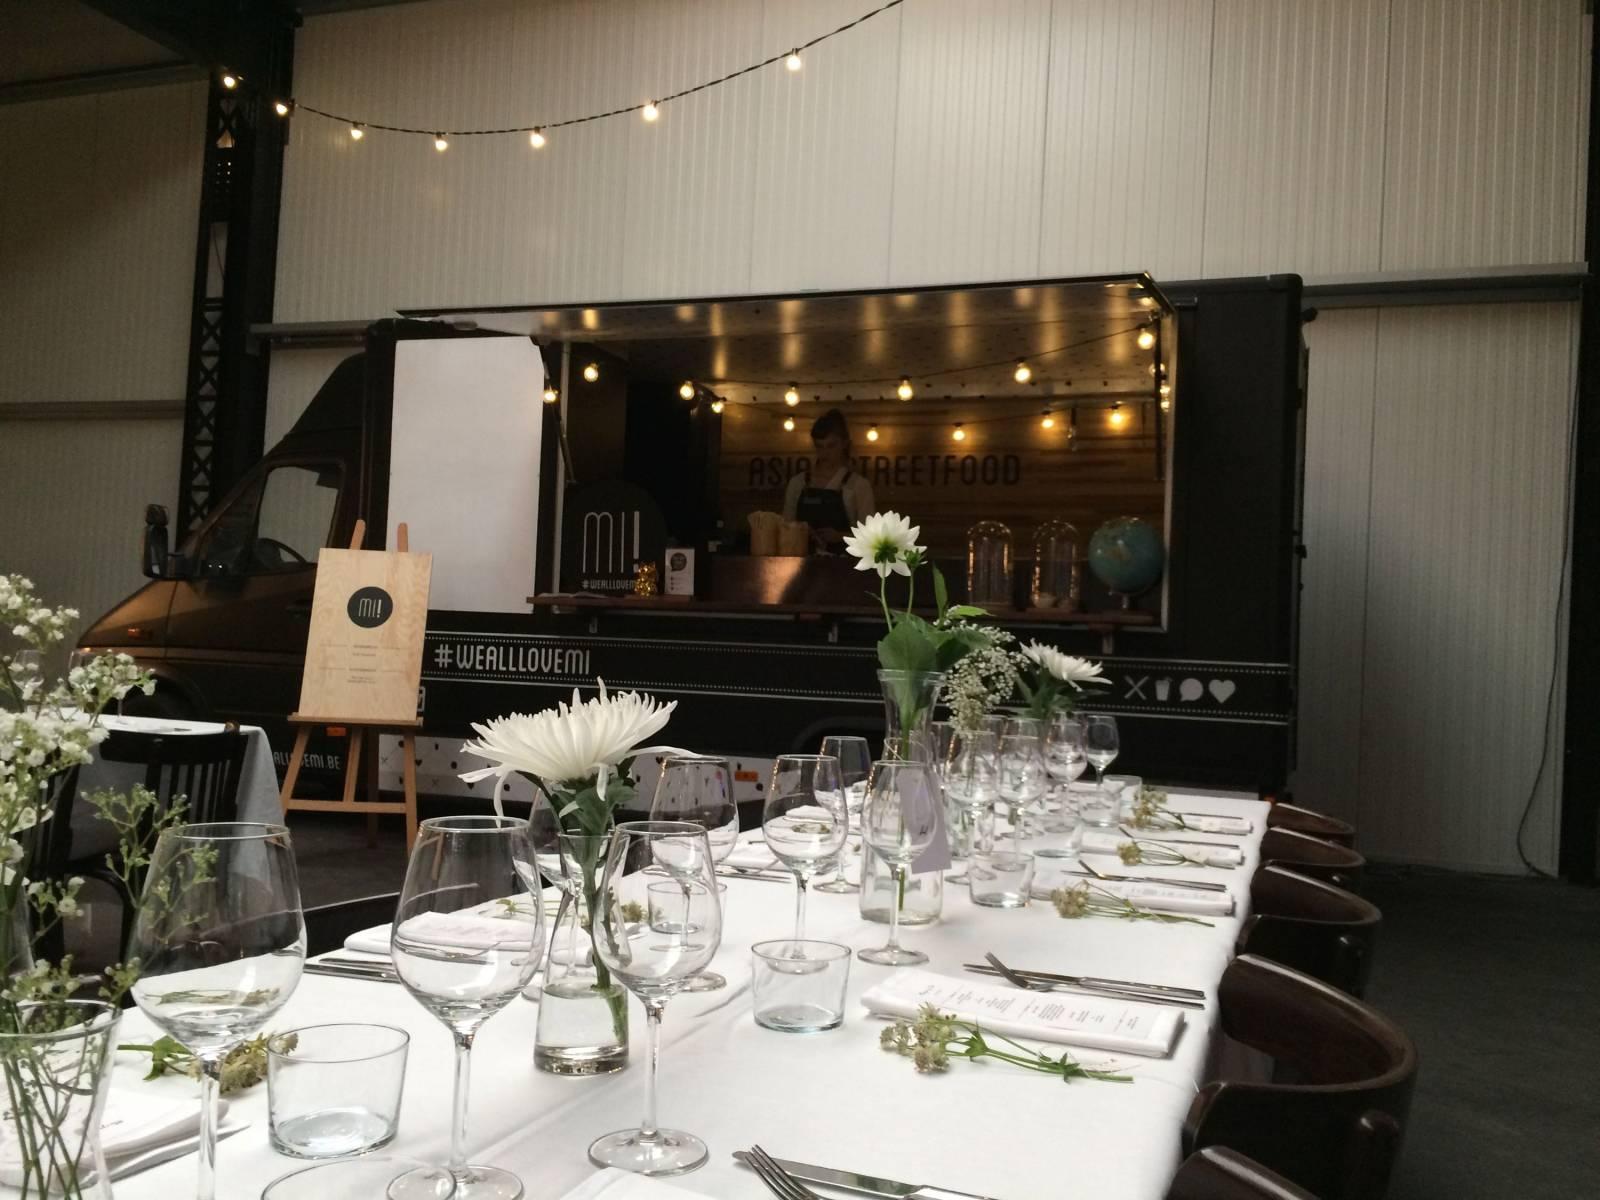 Mi! - food truck - House of Weddings - 2